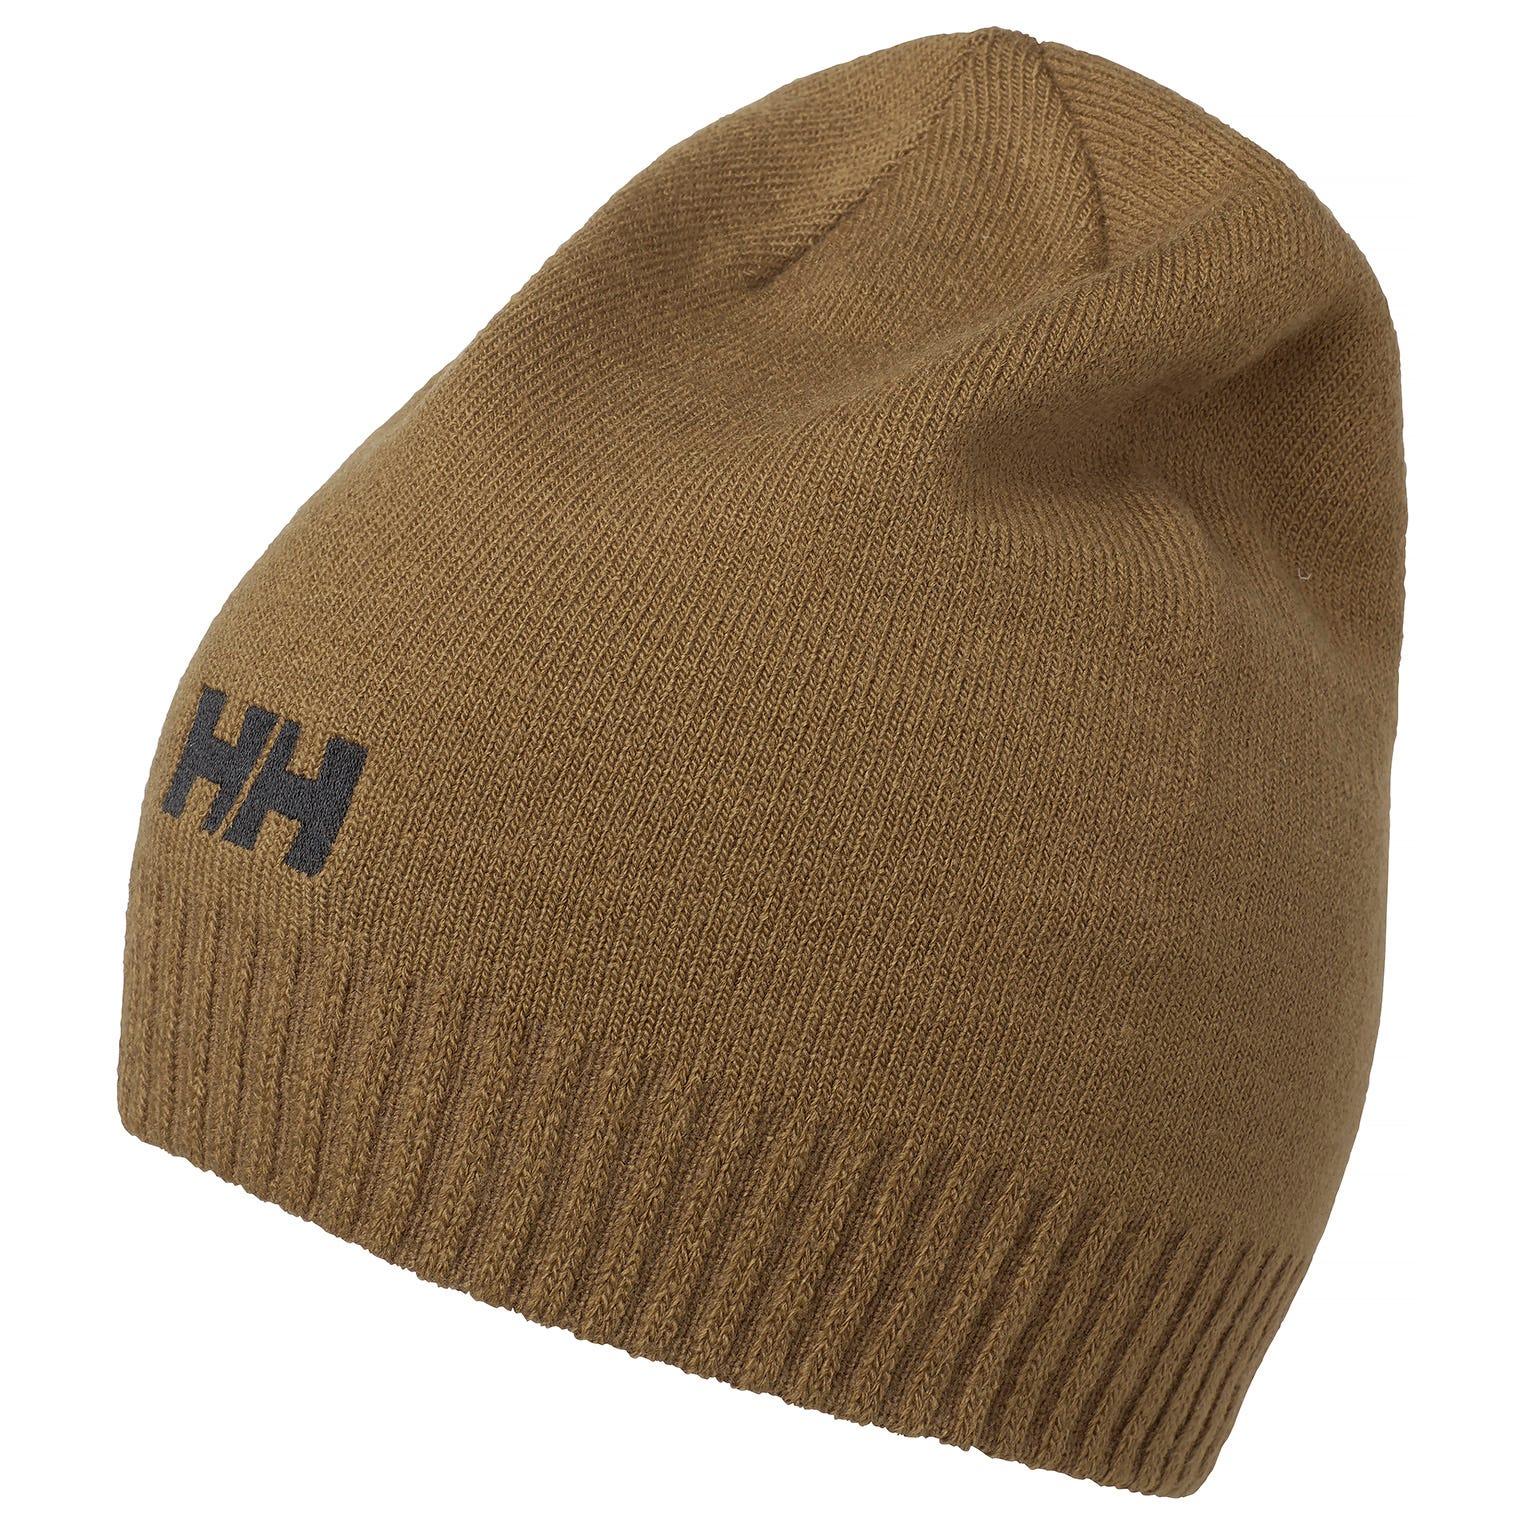 Helly Hansen Brand Beanie Yellow STD